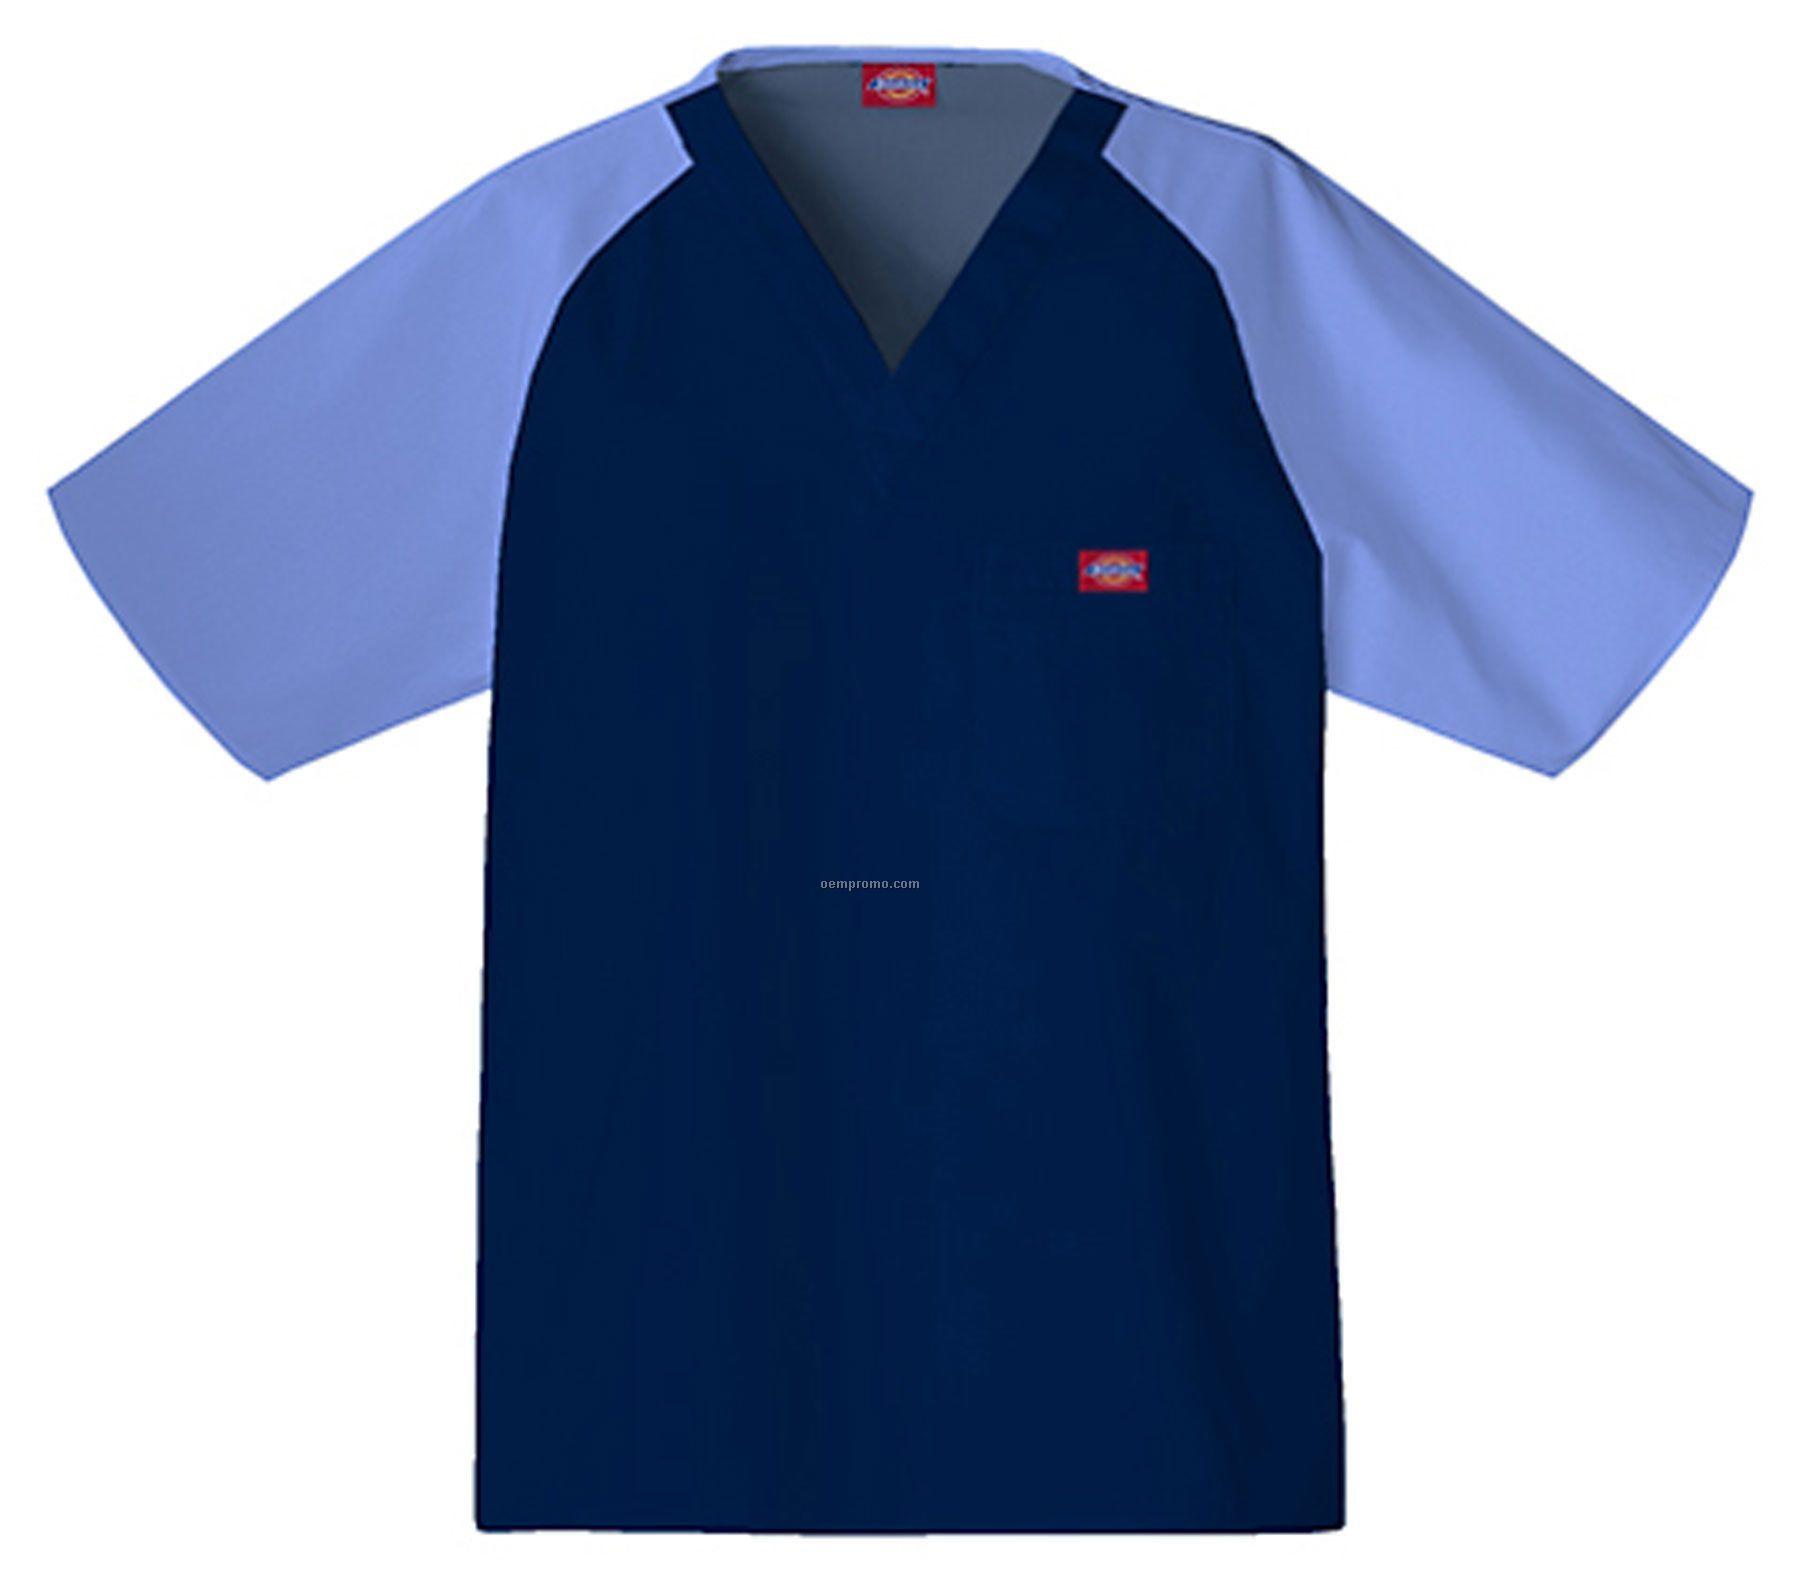 Dickies Men's Raglan Sleeve Color Blocks Scrub Top